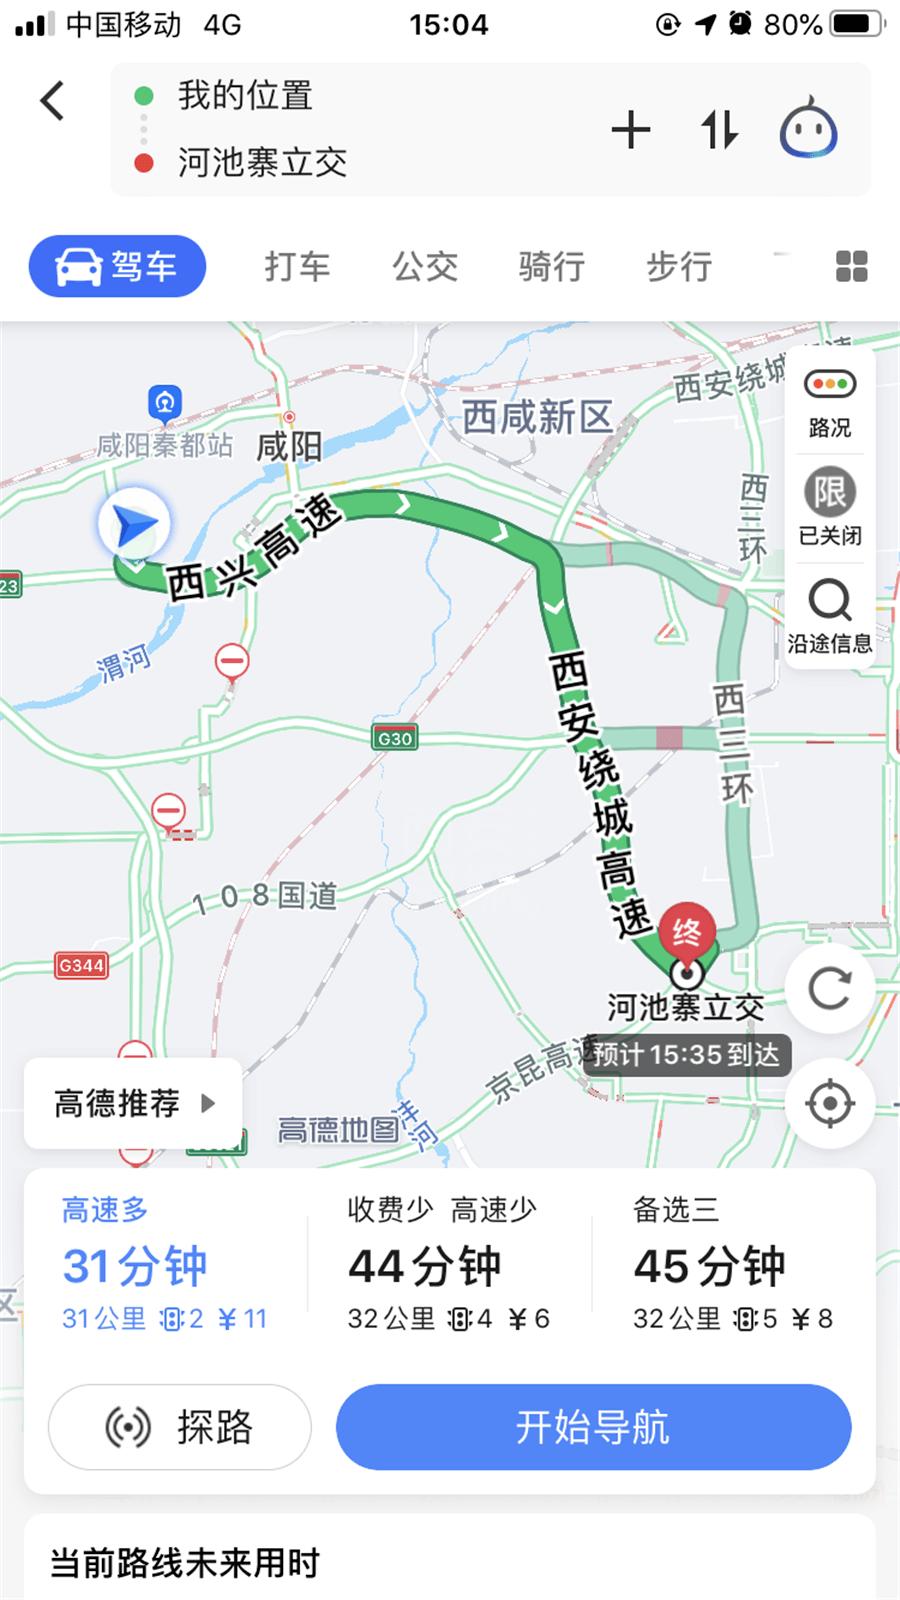 咸阳市多少人口_目前陕西省咸阳市市区是常住人口是多少